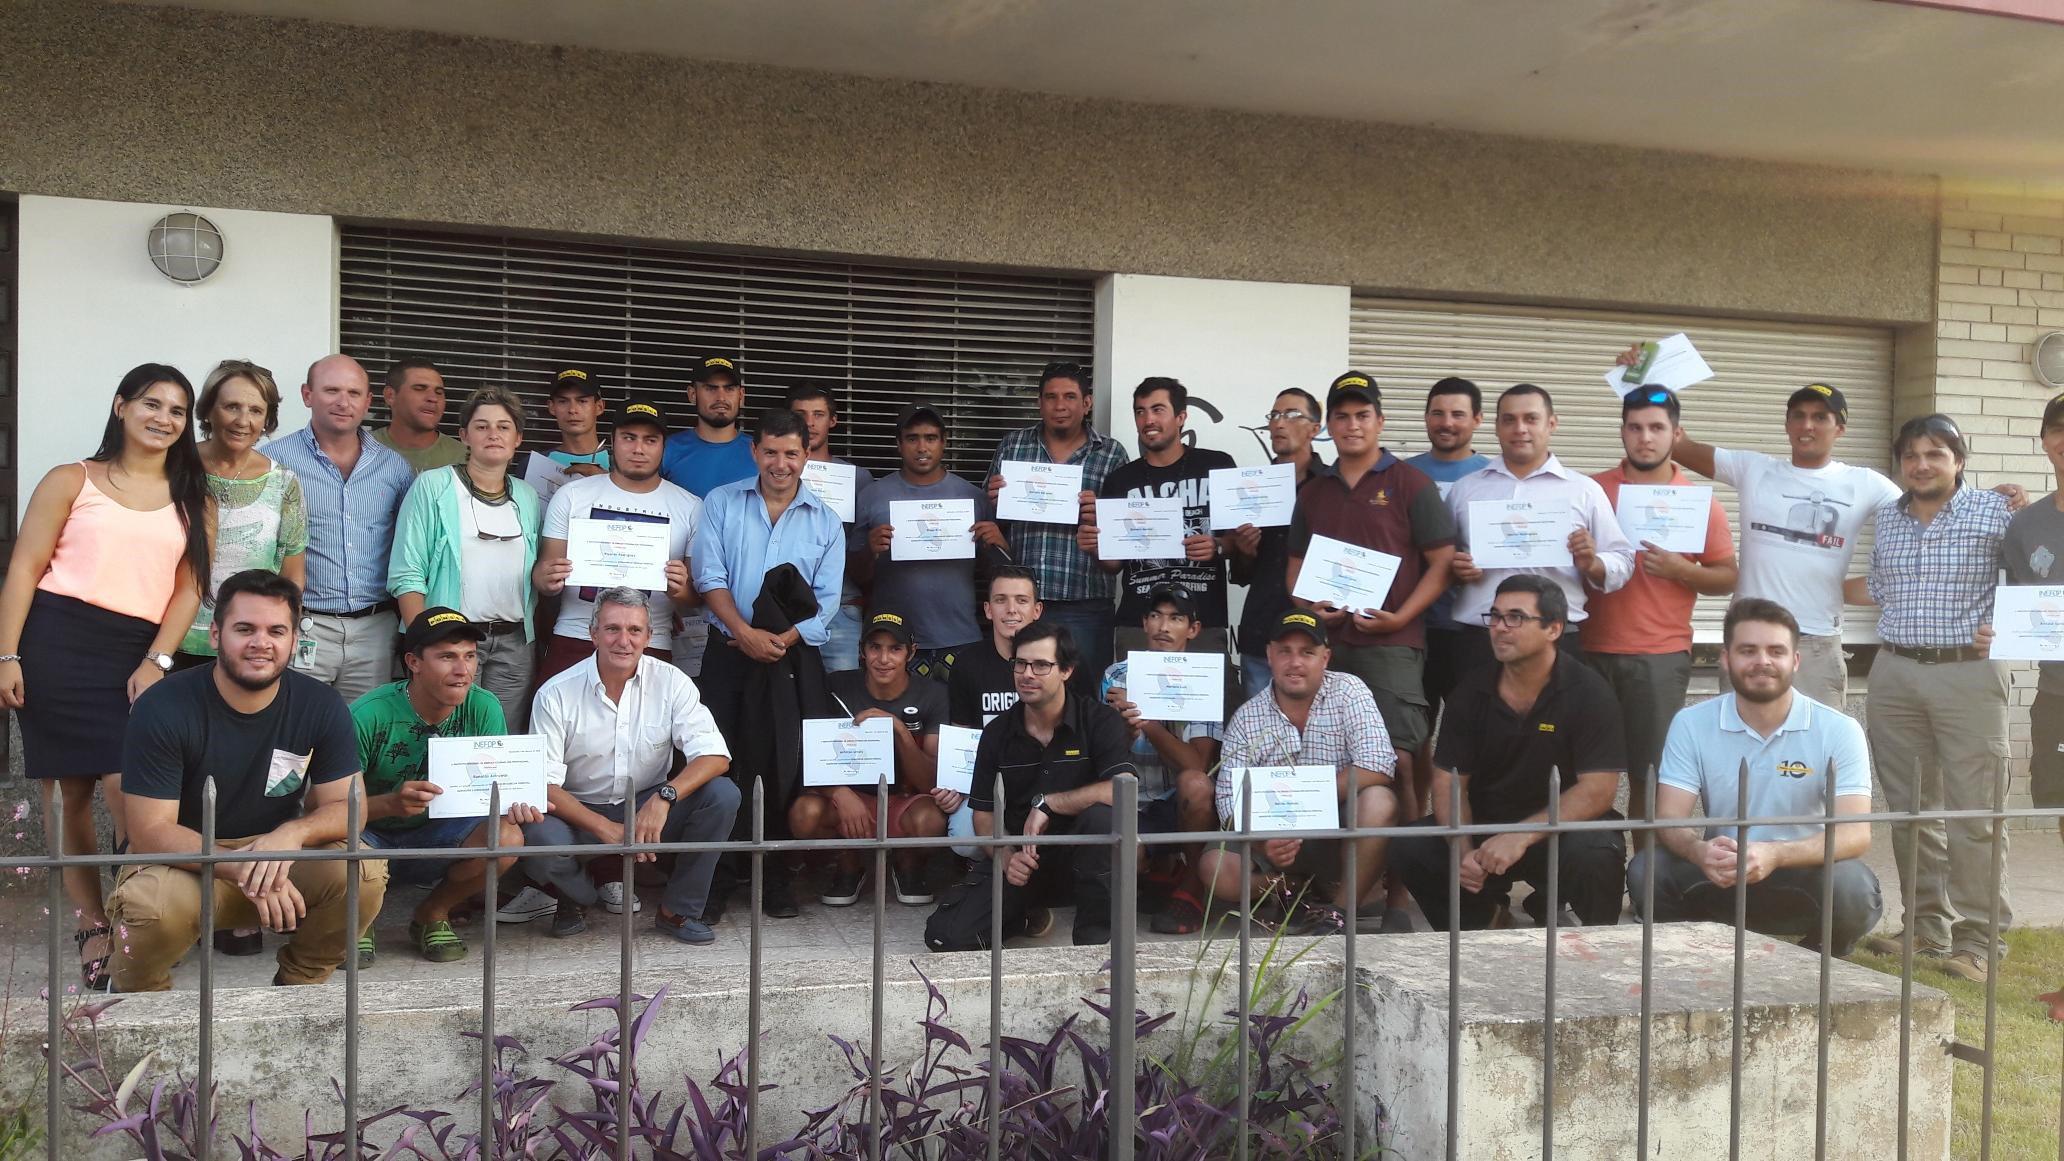 Montes del Plata apuesta a la capacitación y al desarrollo laboral en las comunidades locales